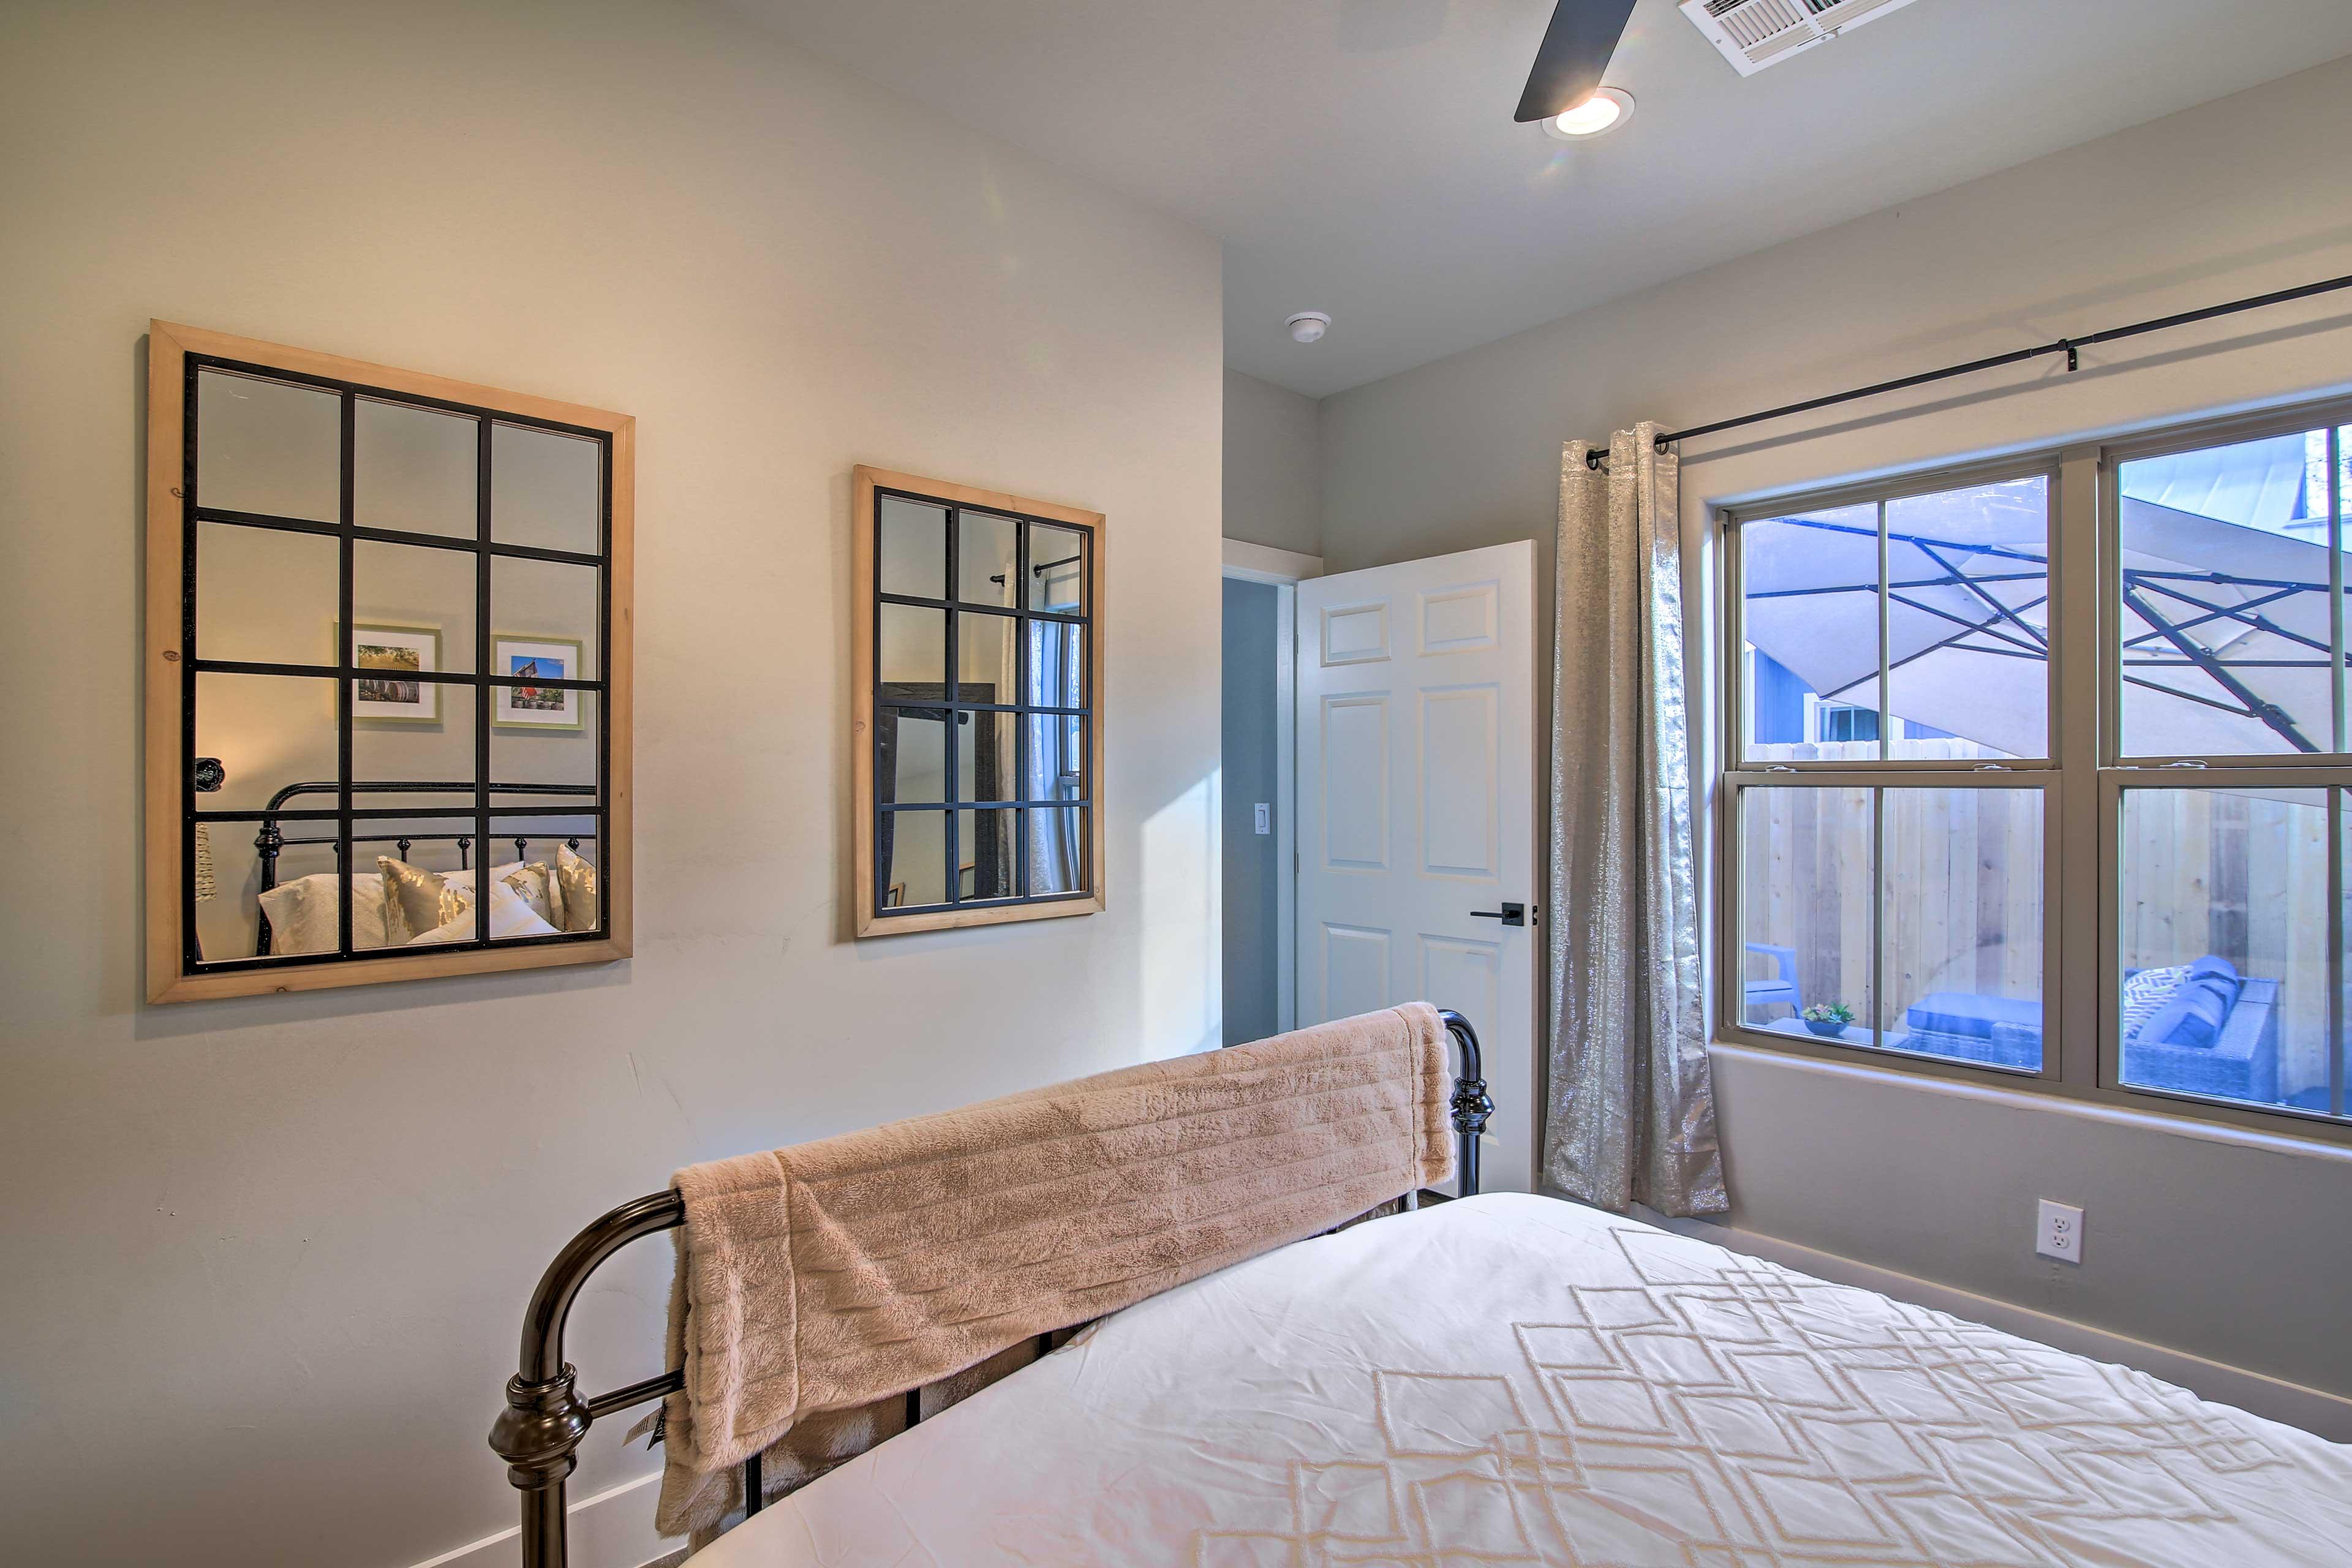 Bedroom | Closet Space w/ Hangers